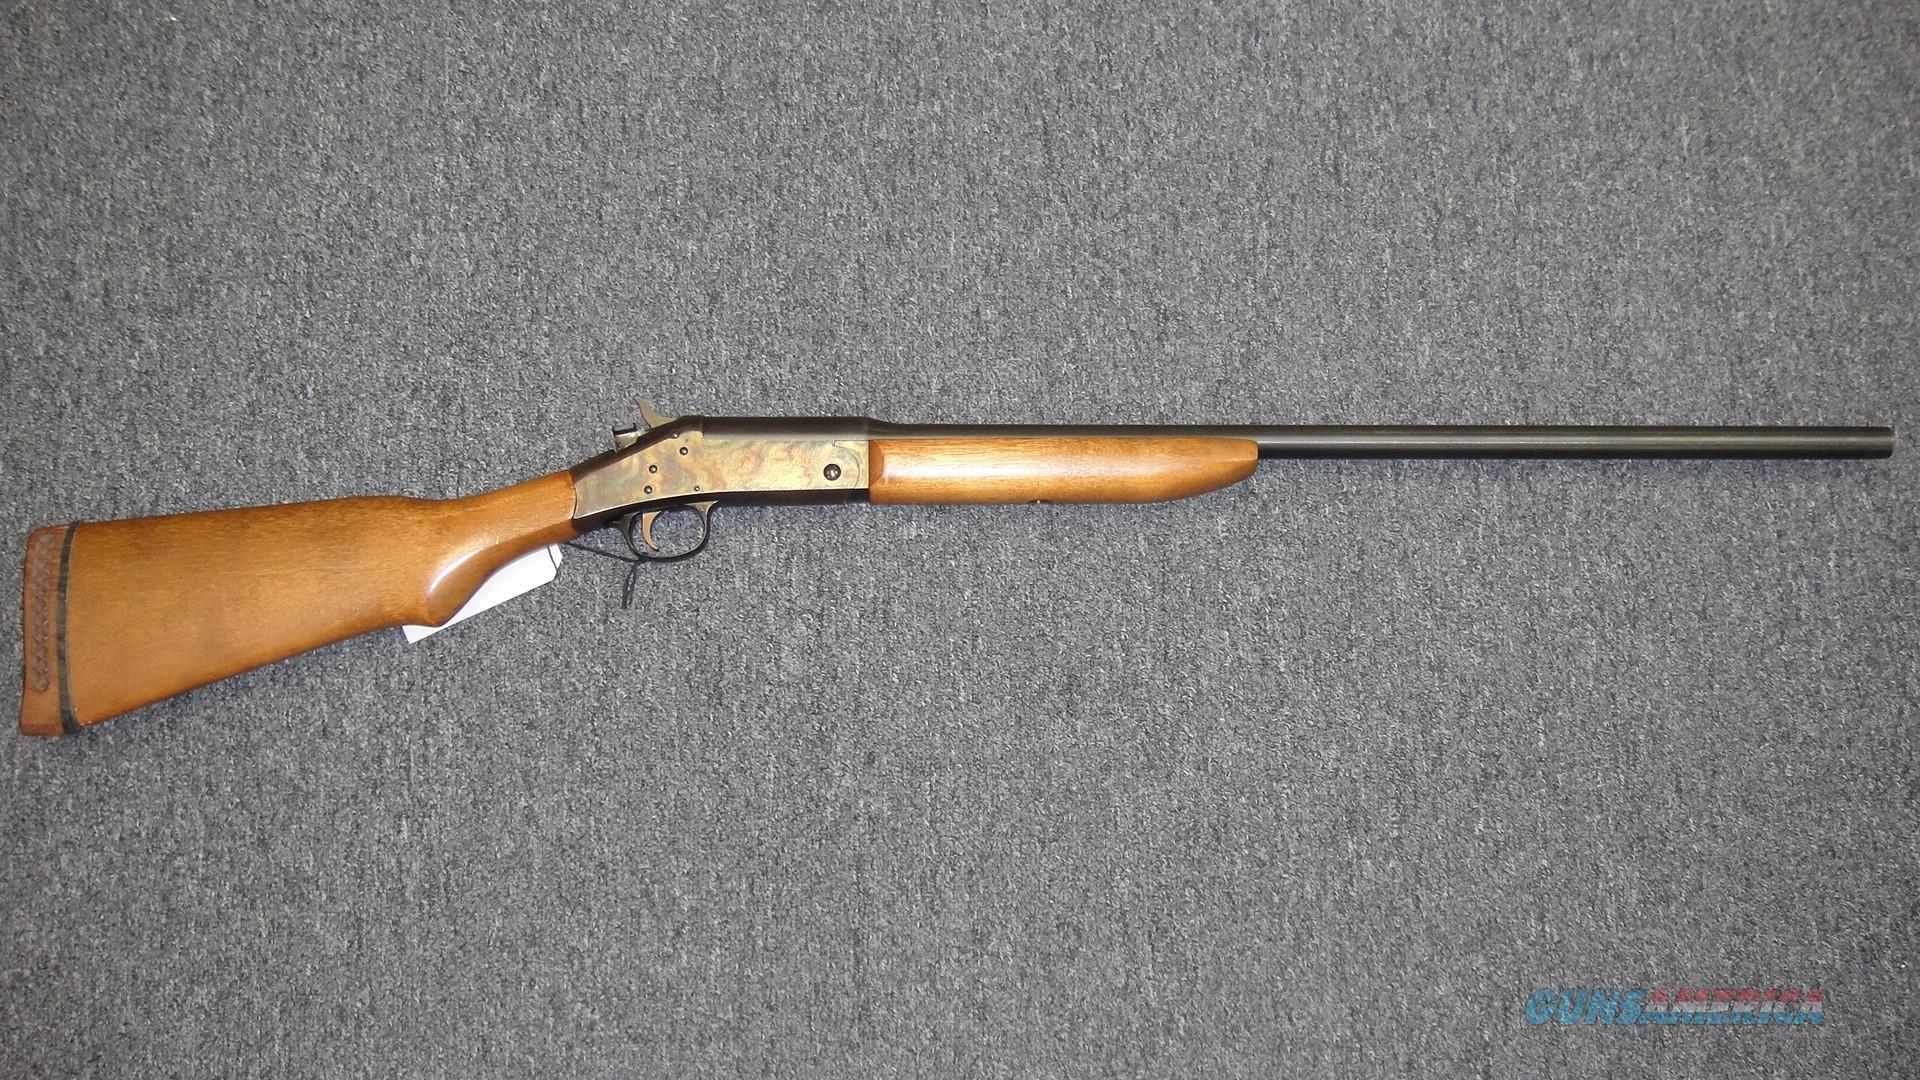 Harrington & Richardson Topper Model 88 20ga  Guns > Shotguns > Harrington & Richardson Shotguns